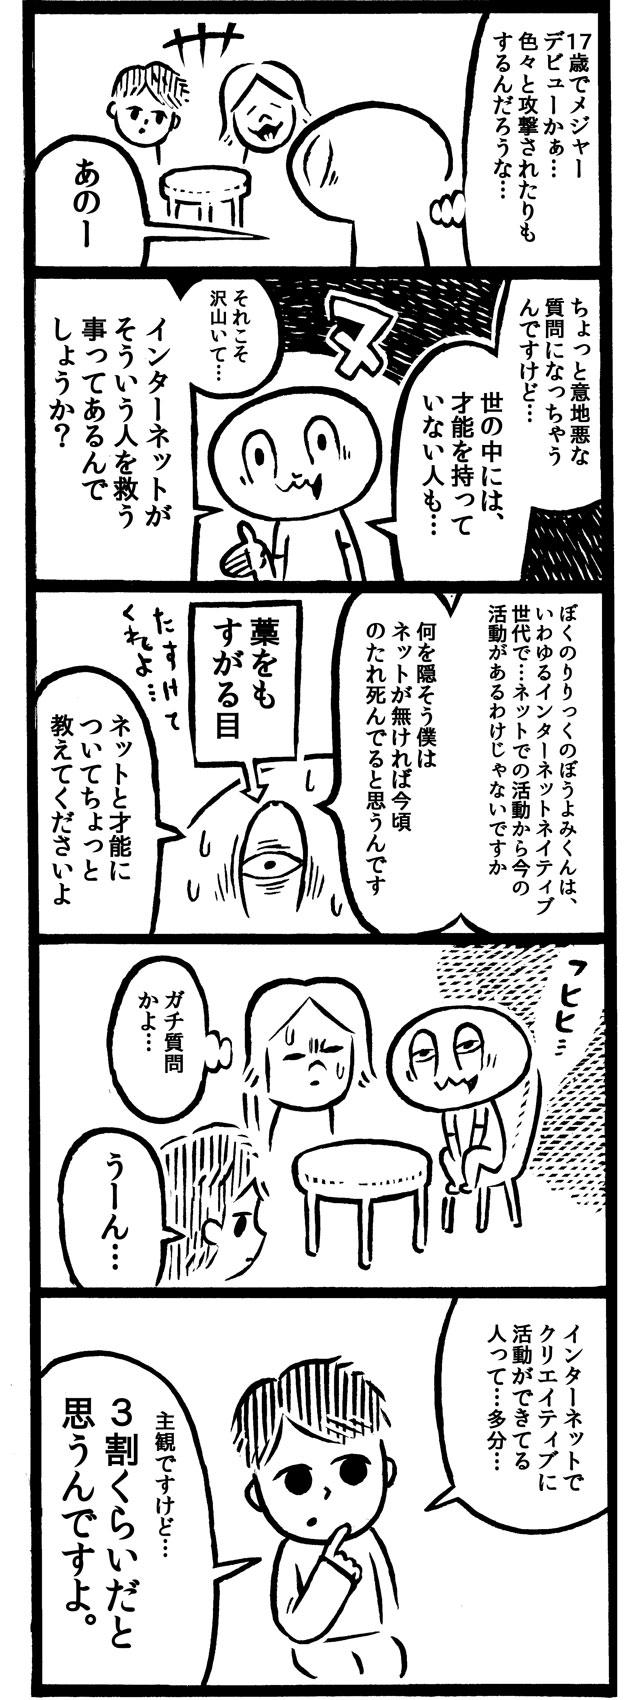 f:id:kakijiro:20151226151409j:plain